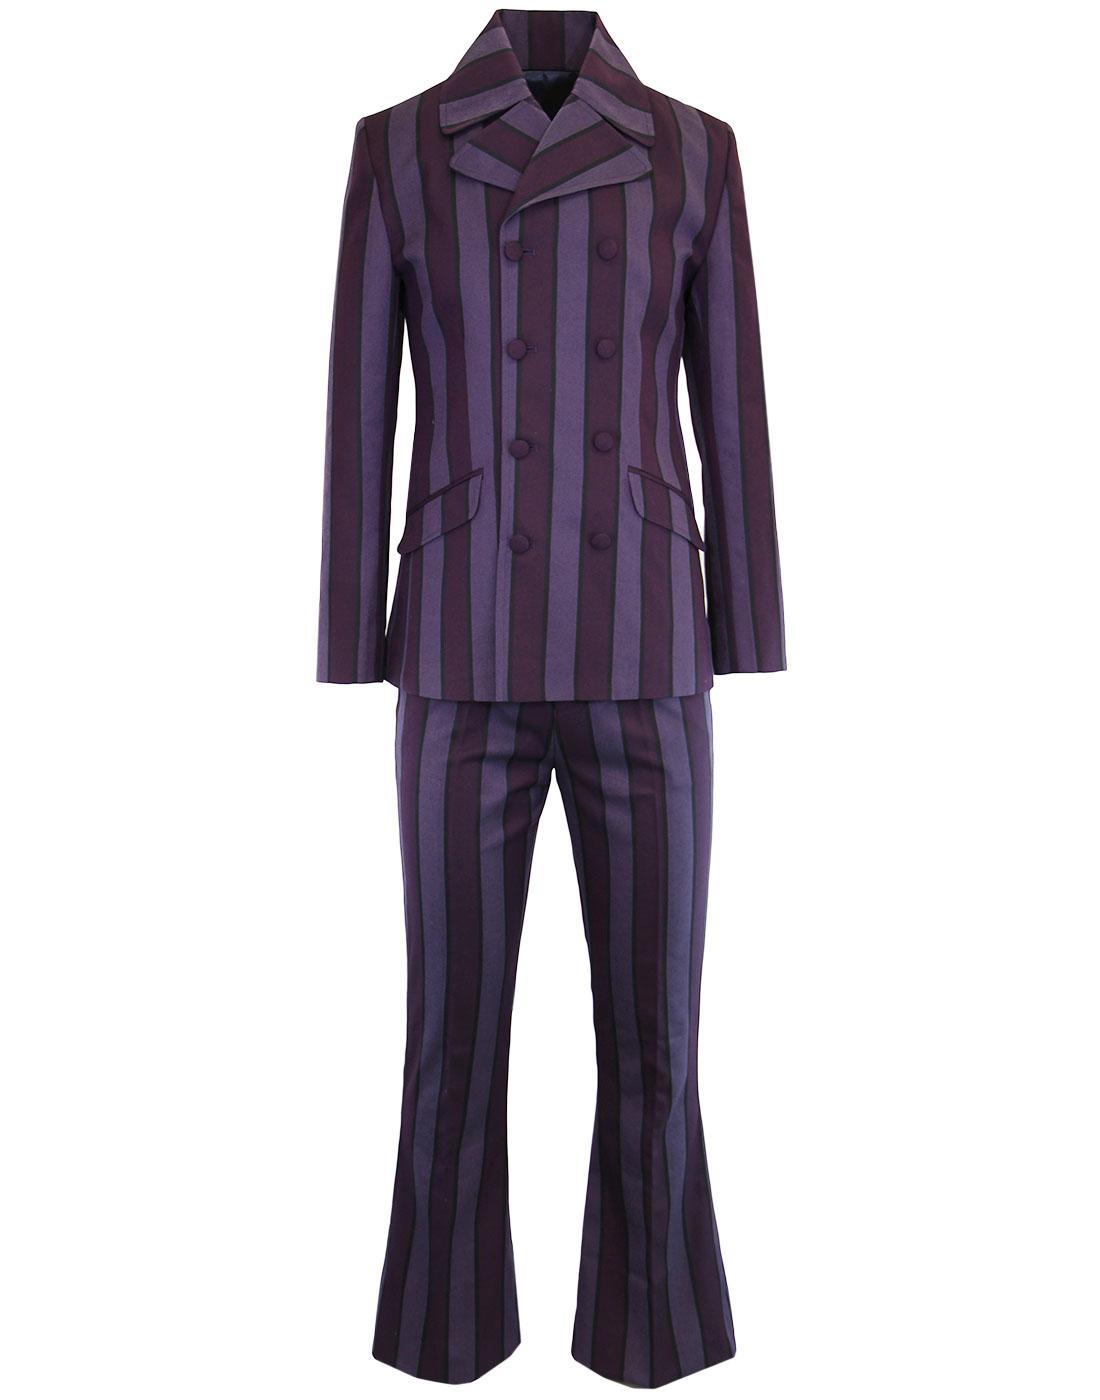 MADCAP ENGLAND Backbeat Mod 60s Flare Suit Purple